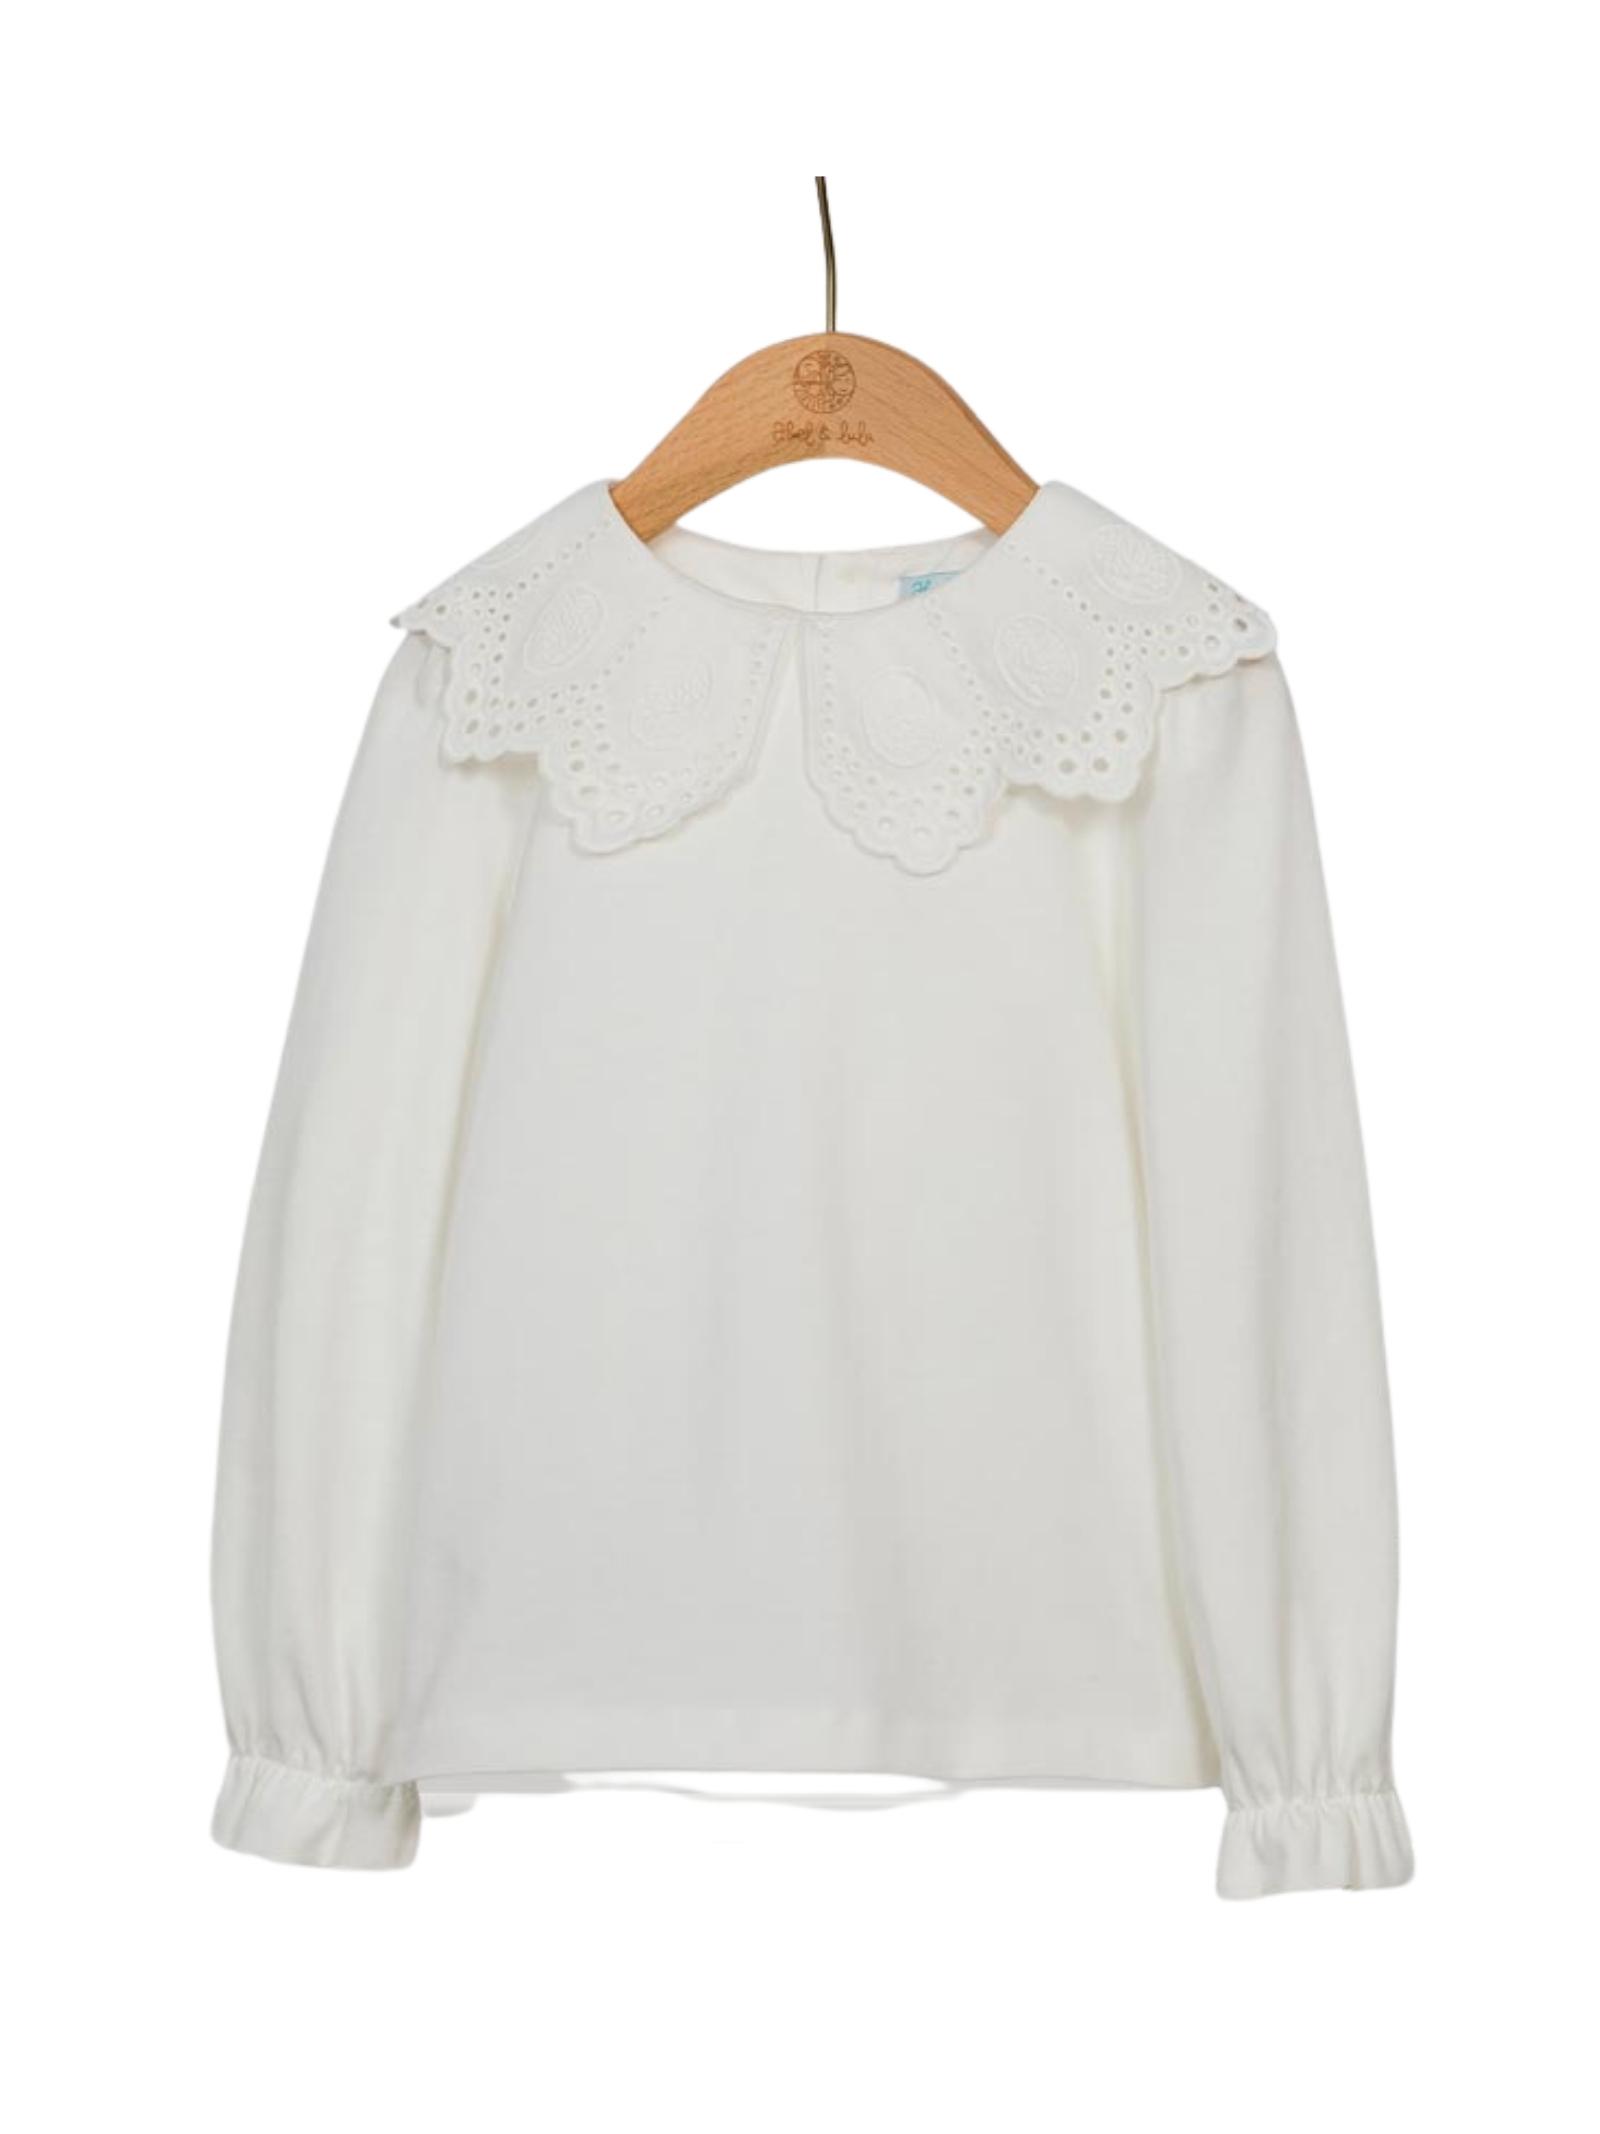 Ricami Sweater ABEL&LULA |  | 5612063